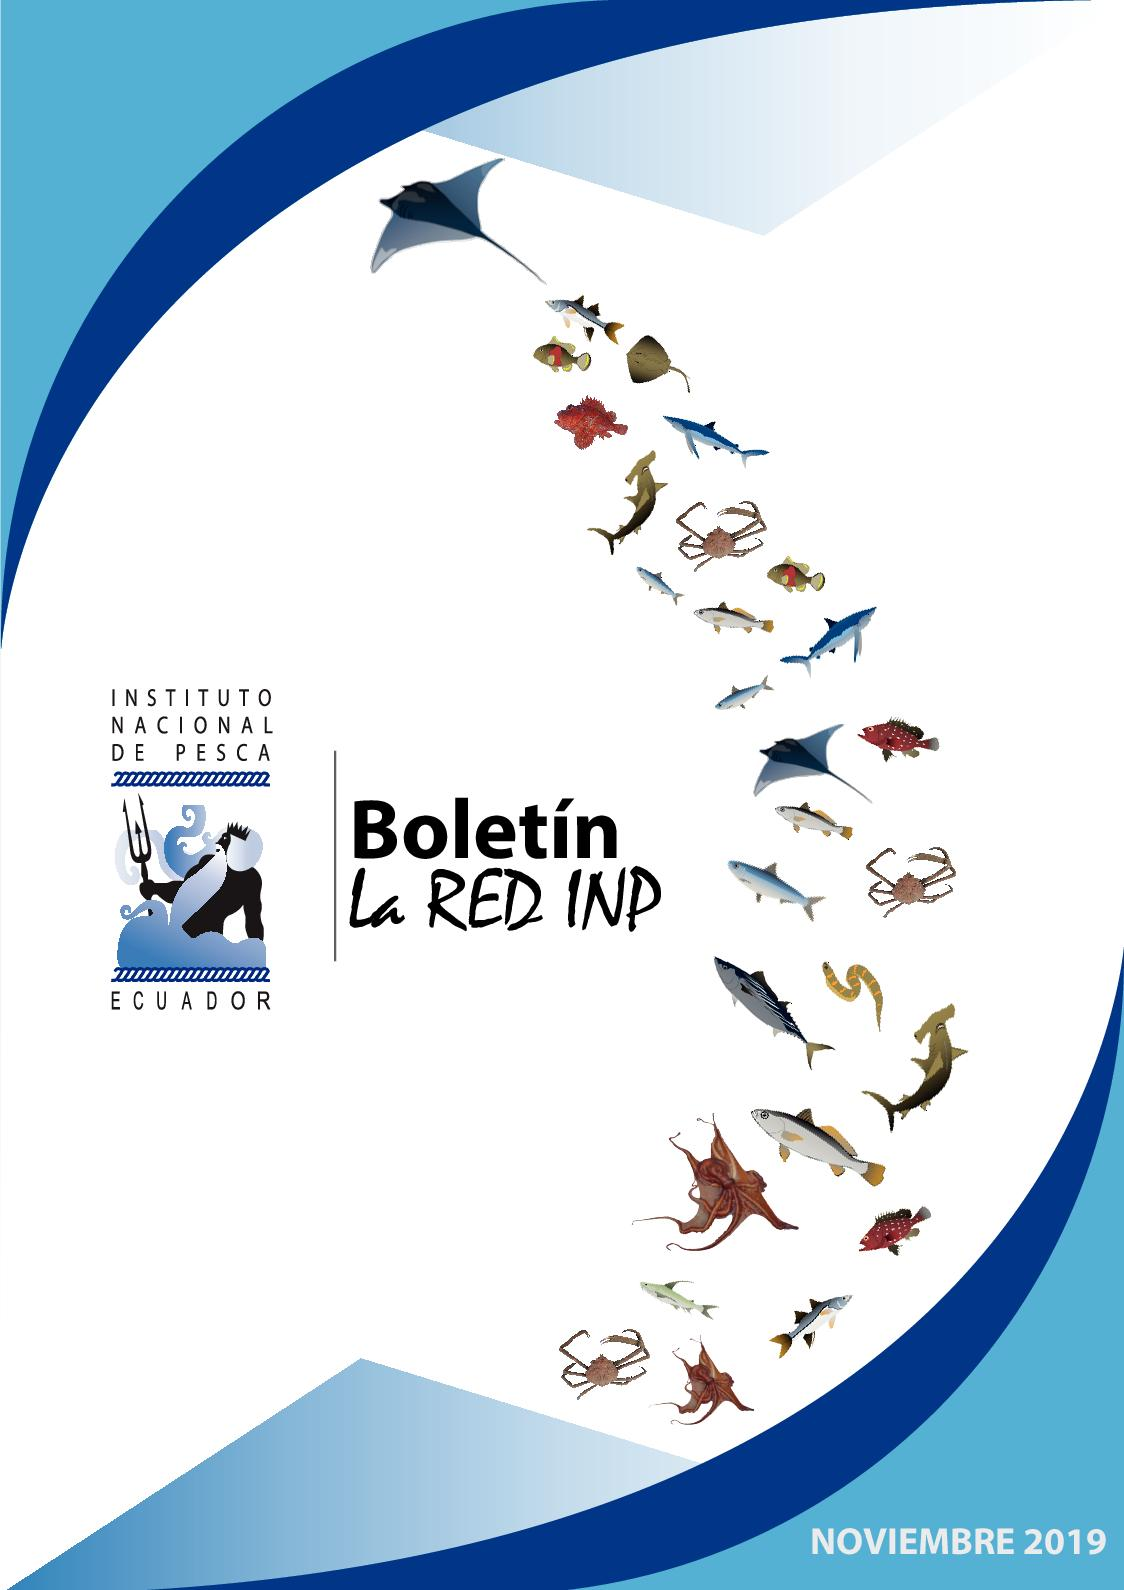 Boletin LA RED INP - Noviembre 2019